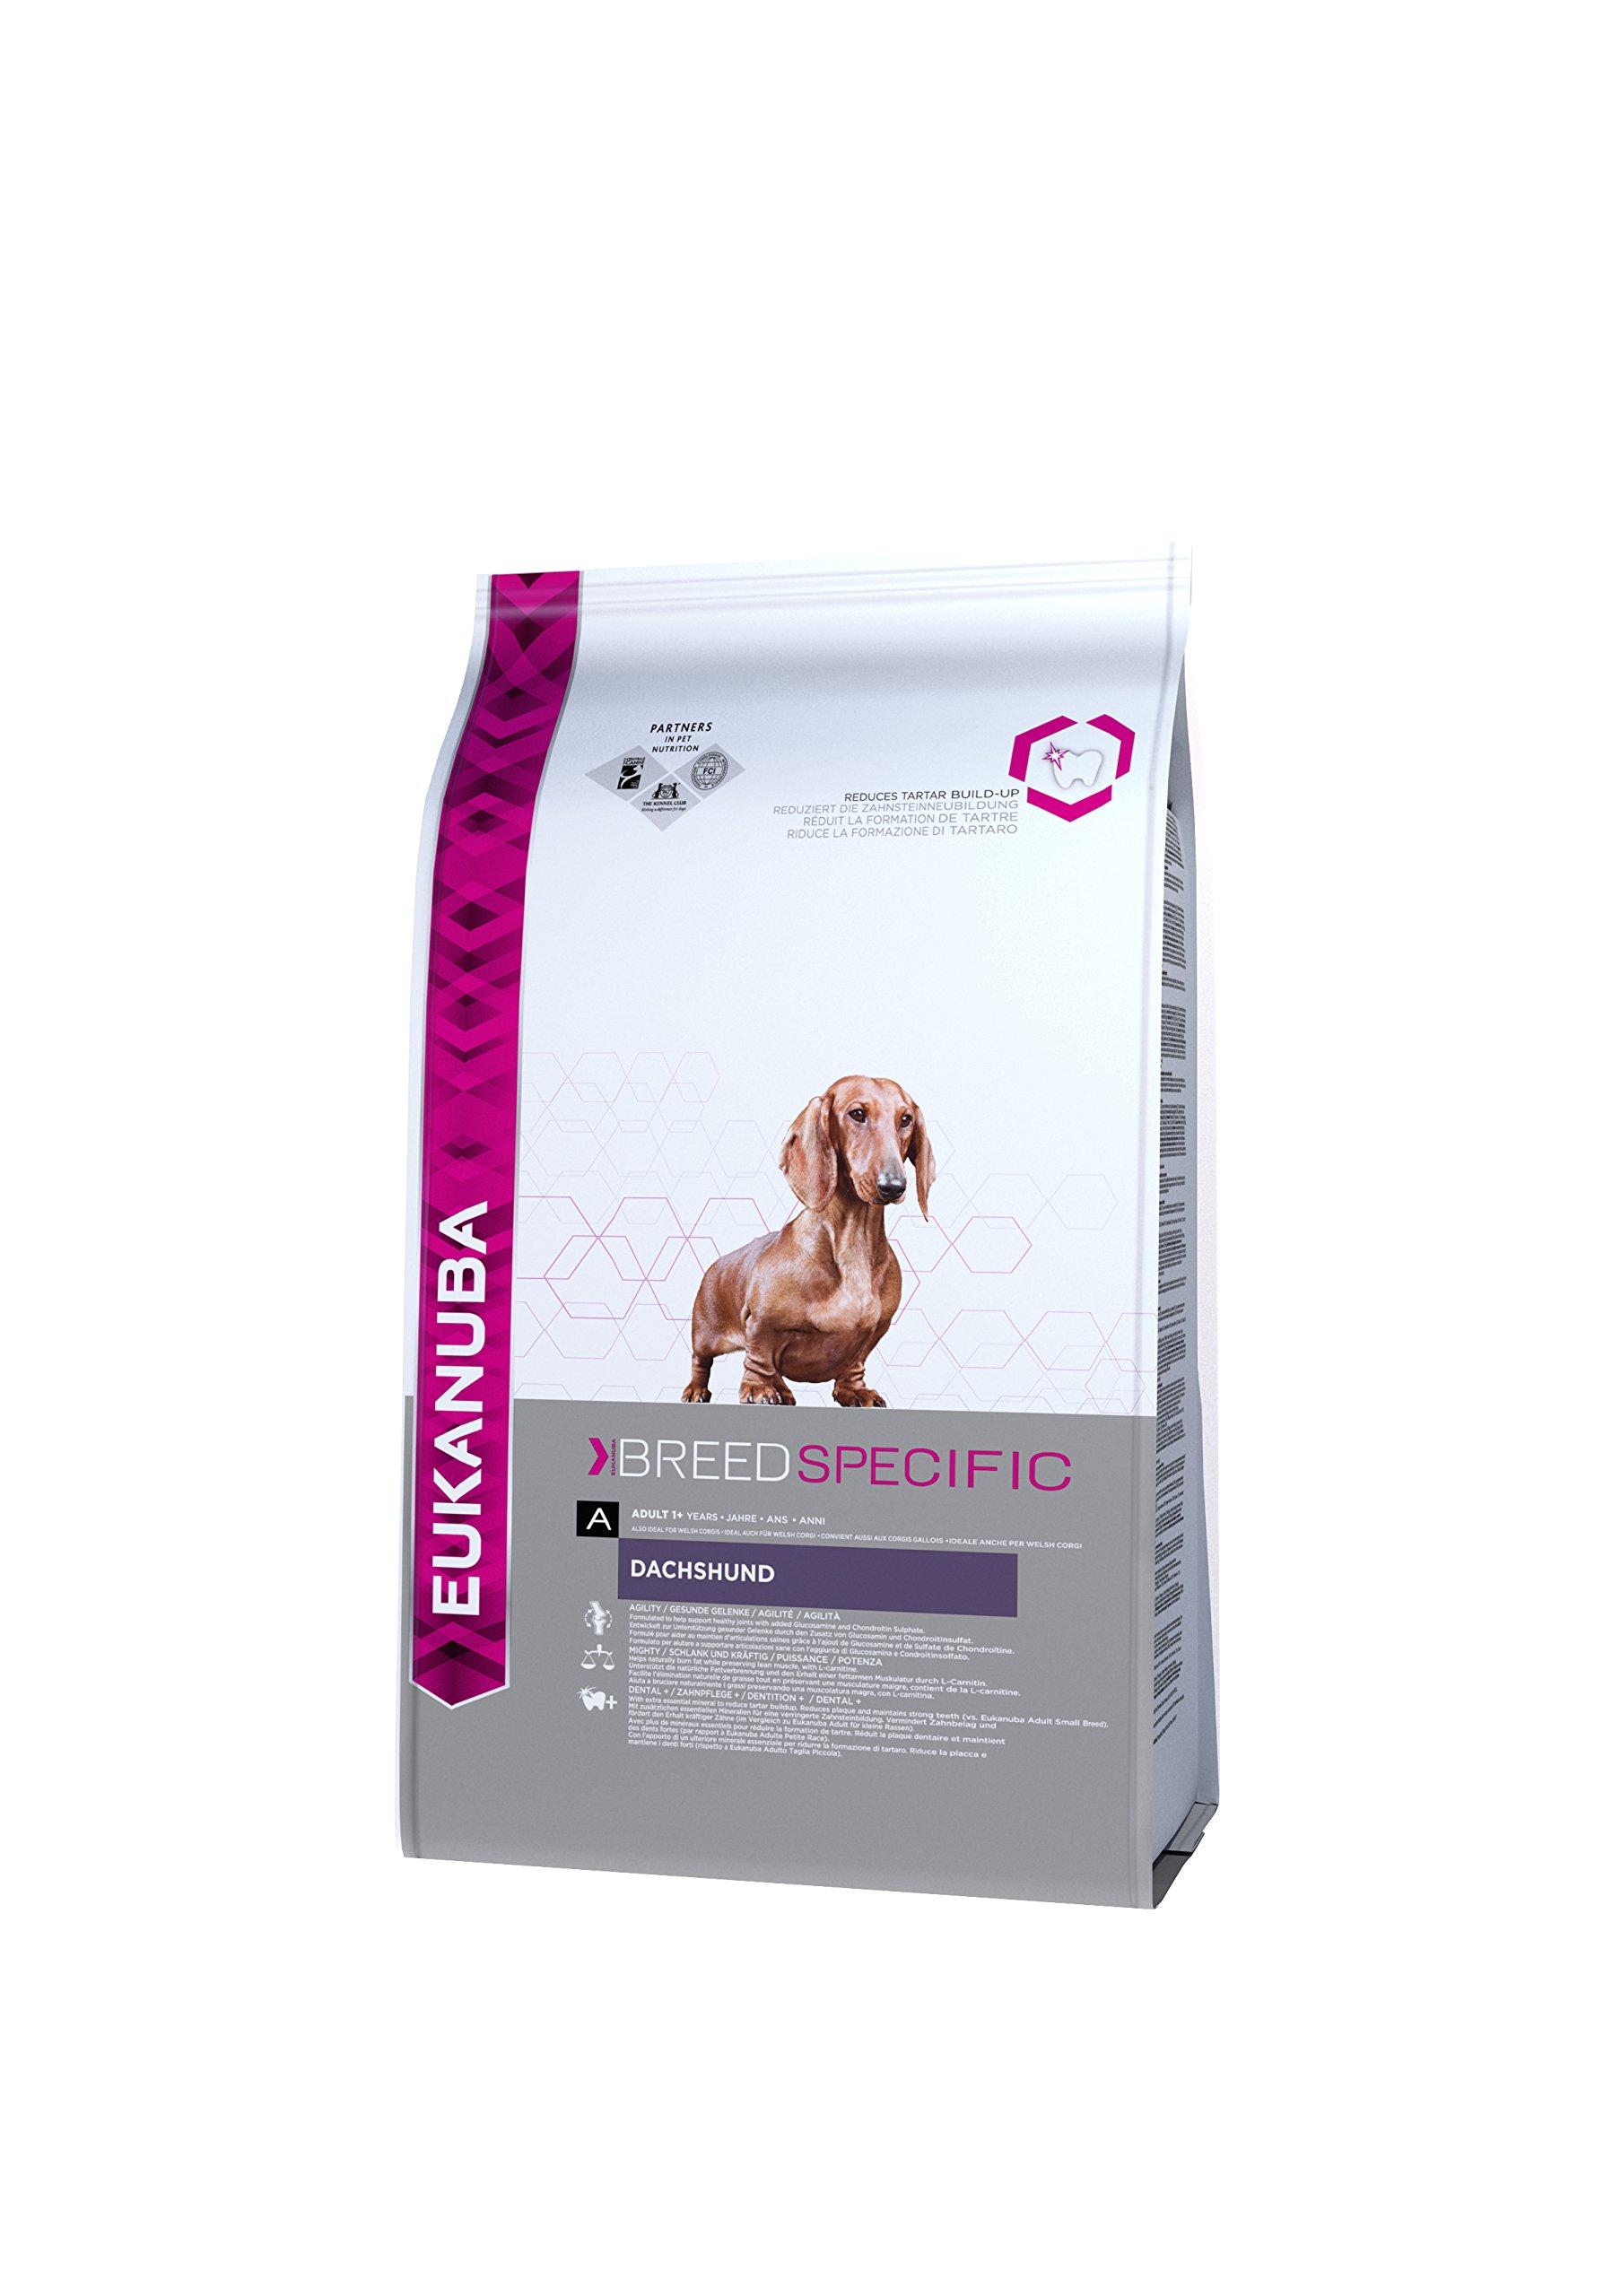 EUKANUBA Adult Breeds Specific Dachshund Chicken, 2.5 kg